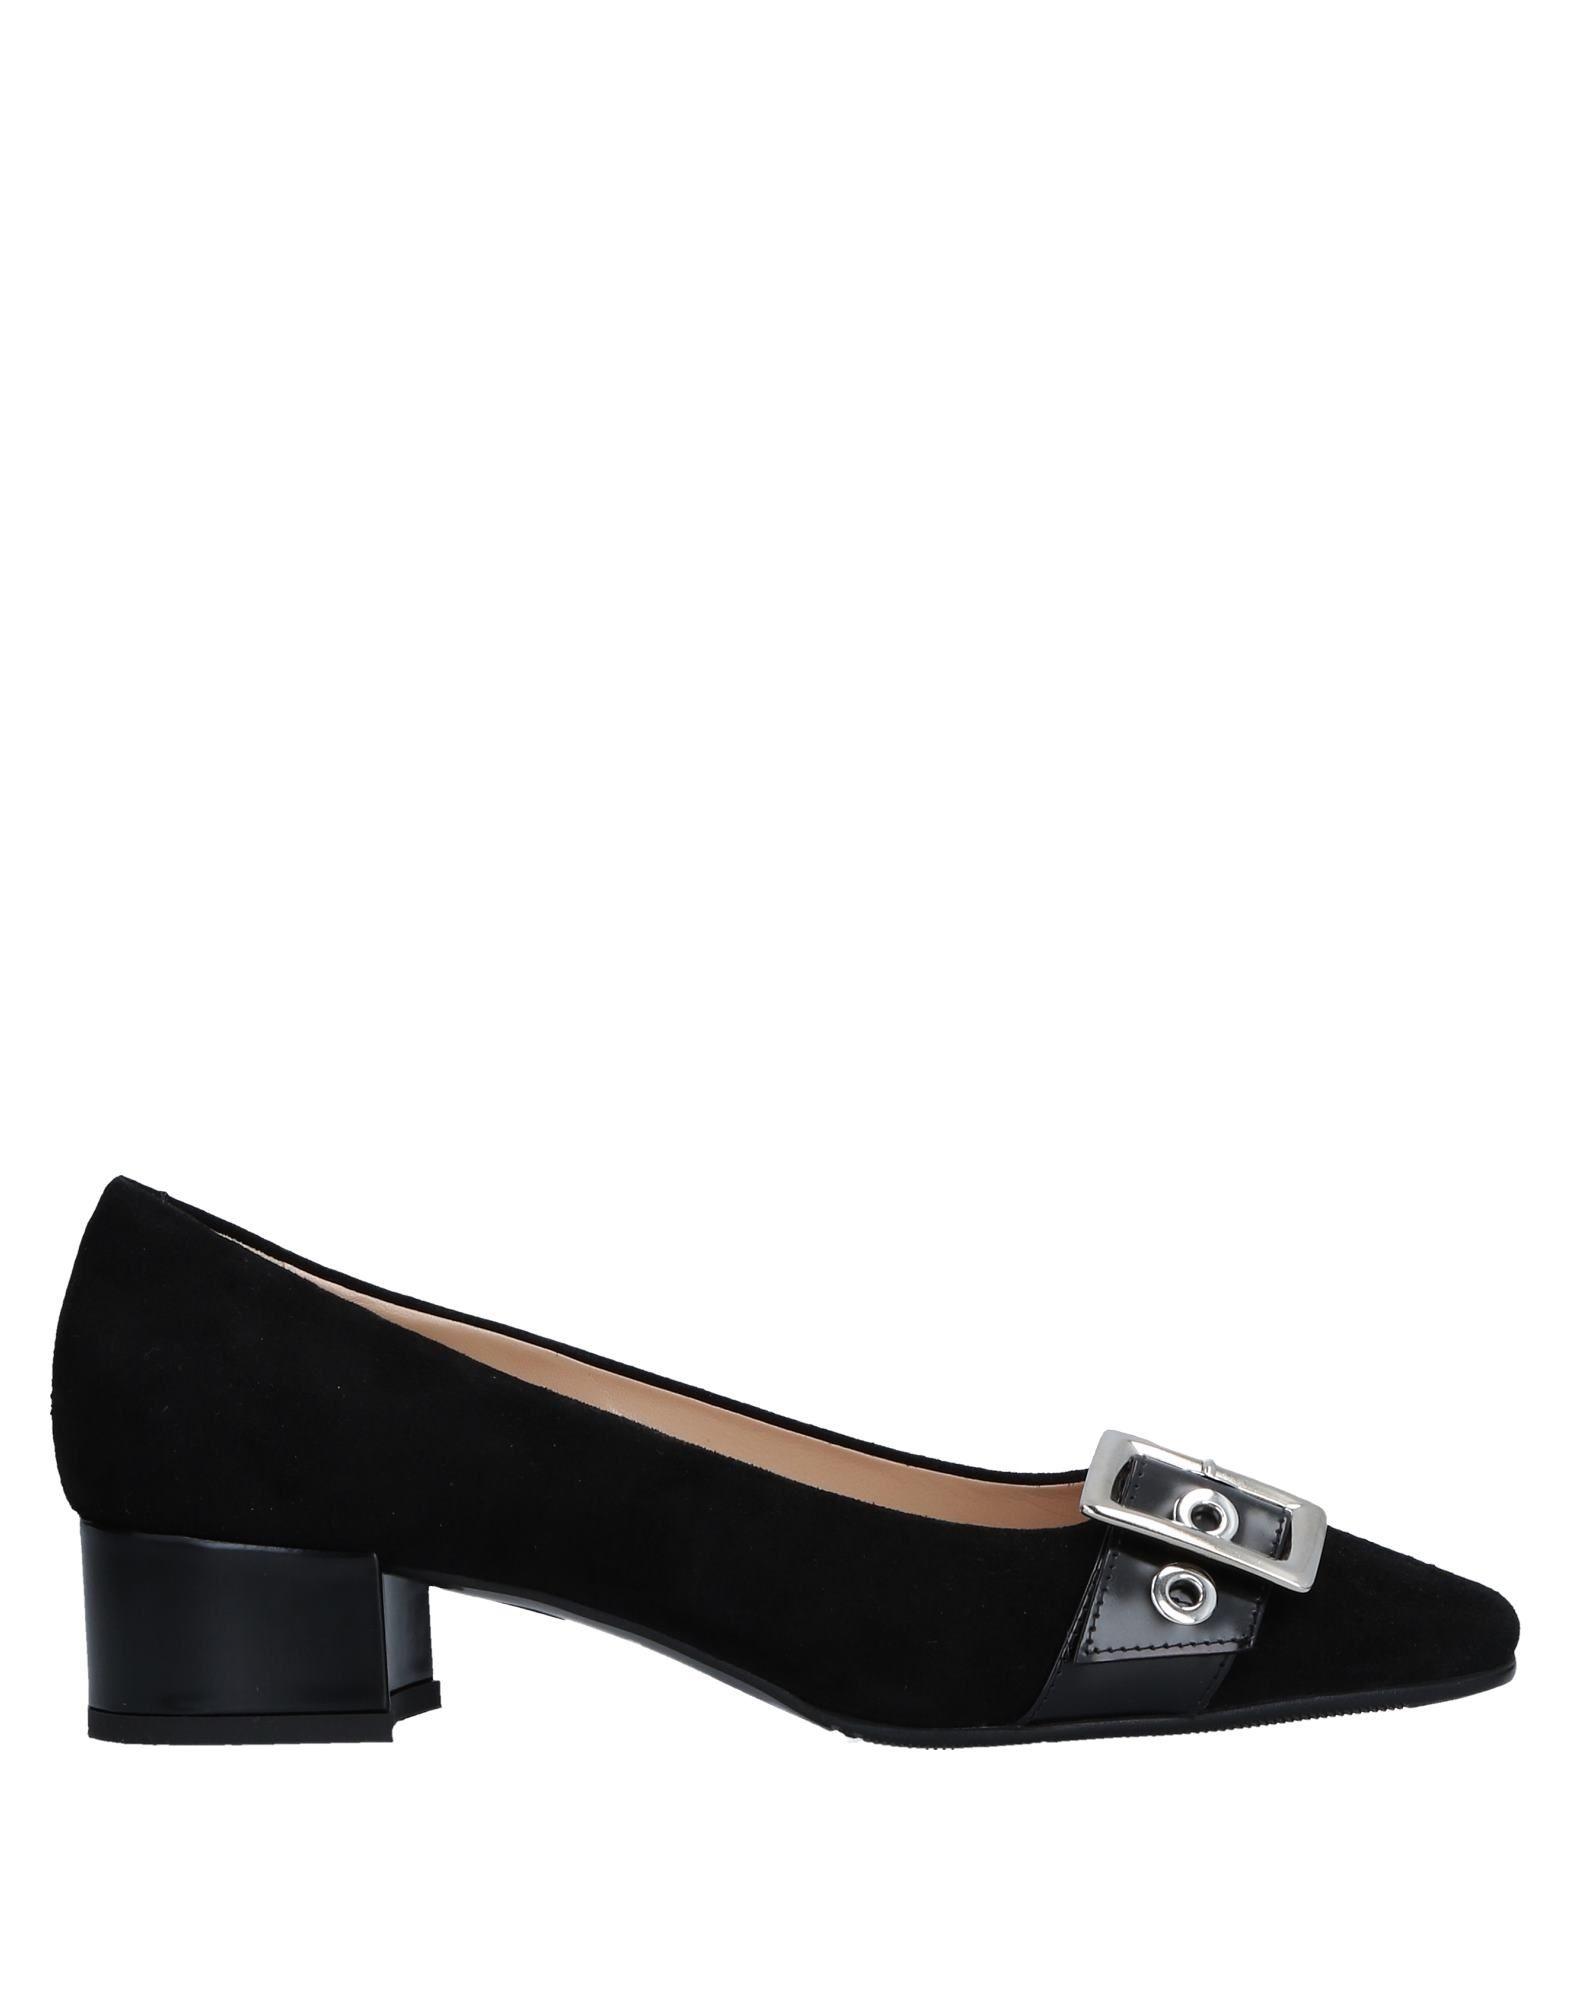 F.Lli Bruglia Pumps Damen  11525538LOGut aussehende strapazierfähige Schuhe